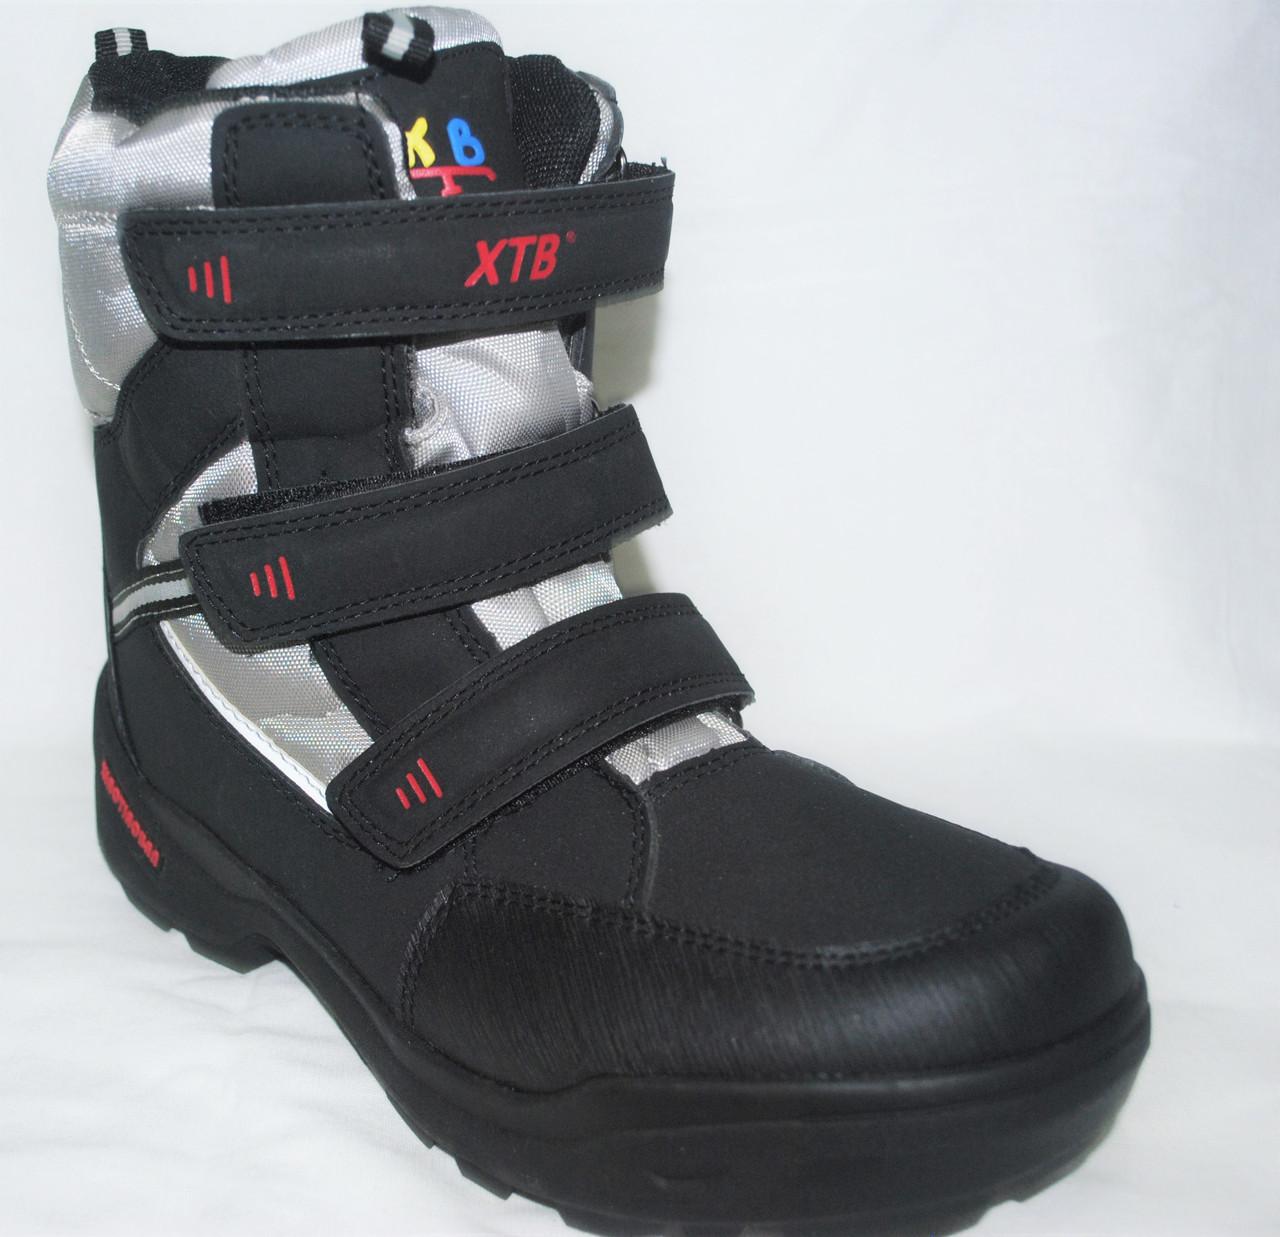 Ботинки зимние XTB с откидными шипами